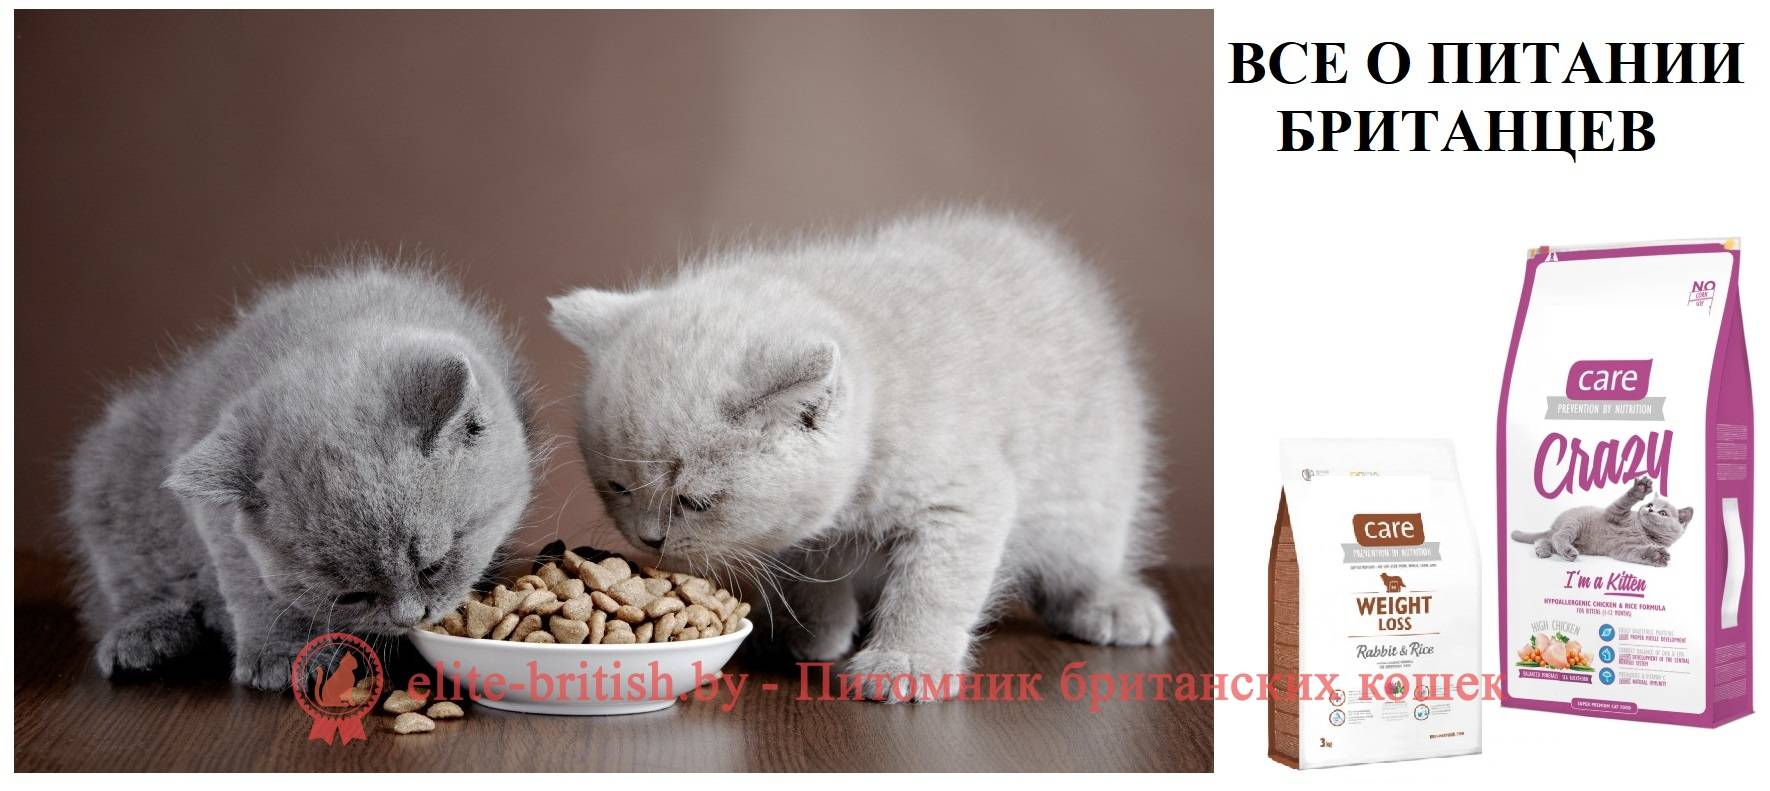 Как кормить новорожденного котенка без кошки?